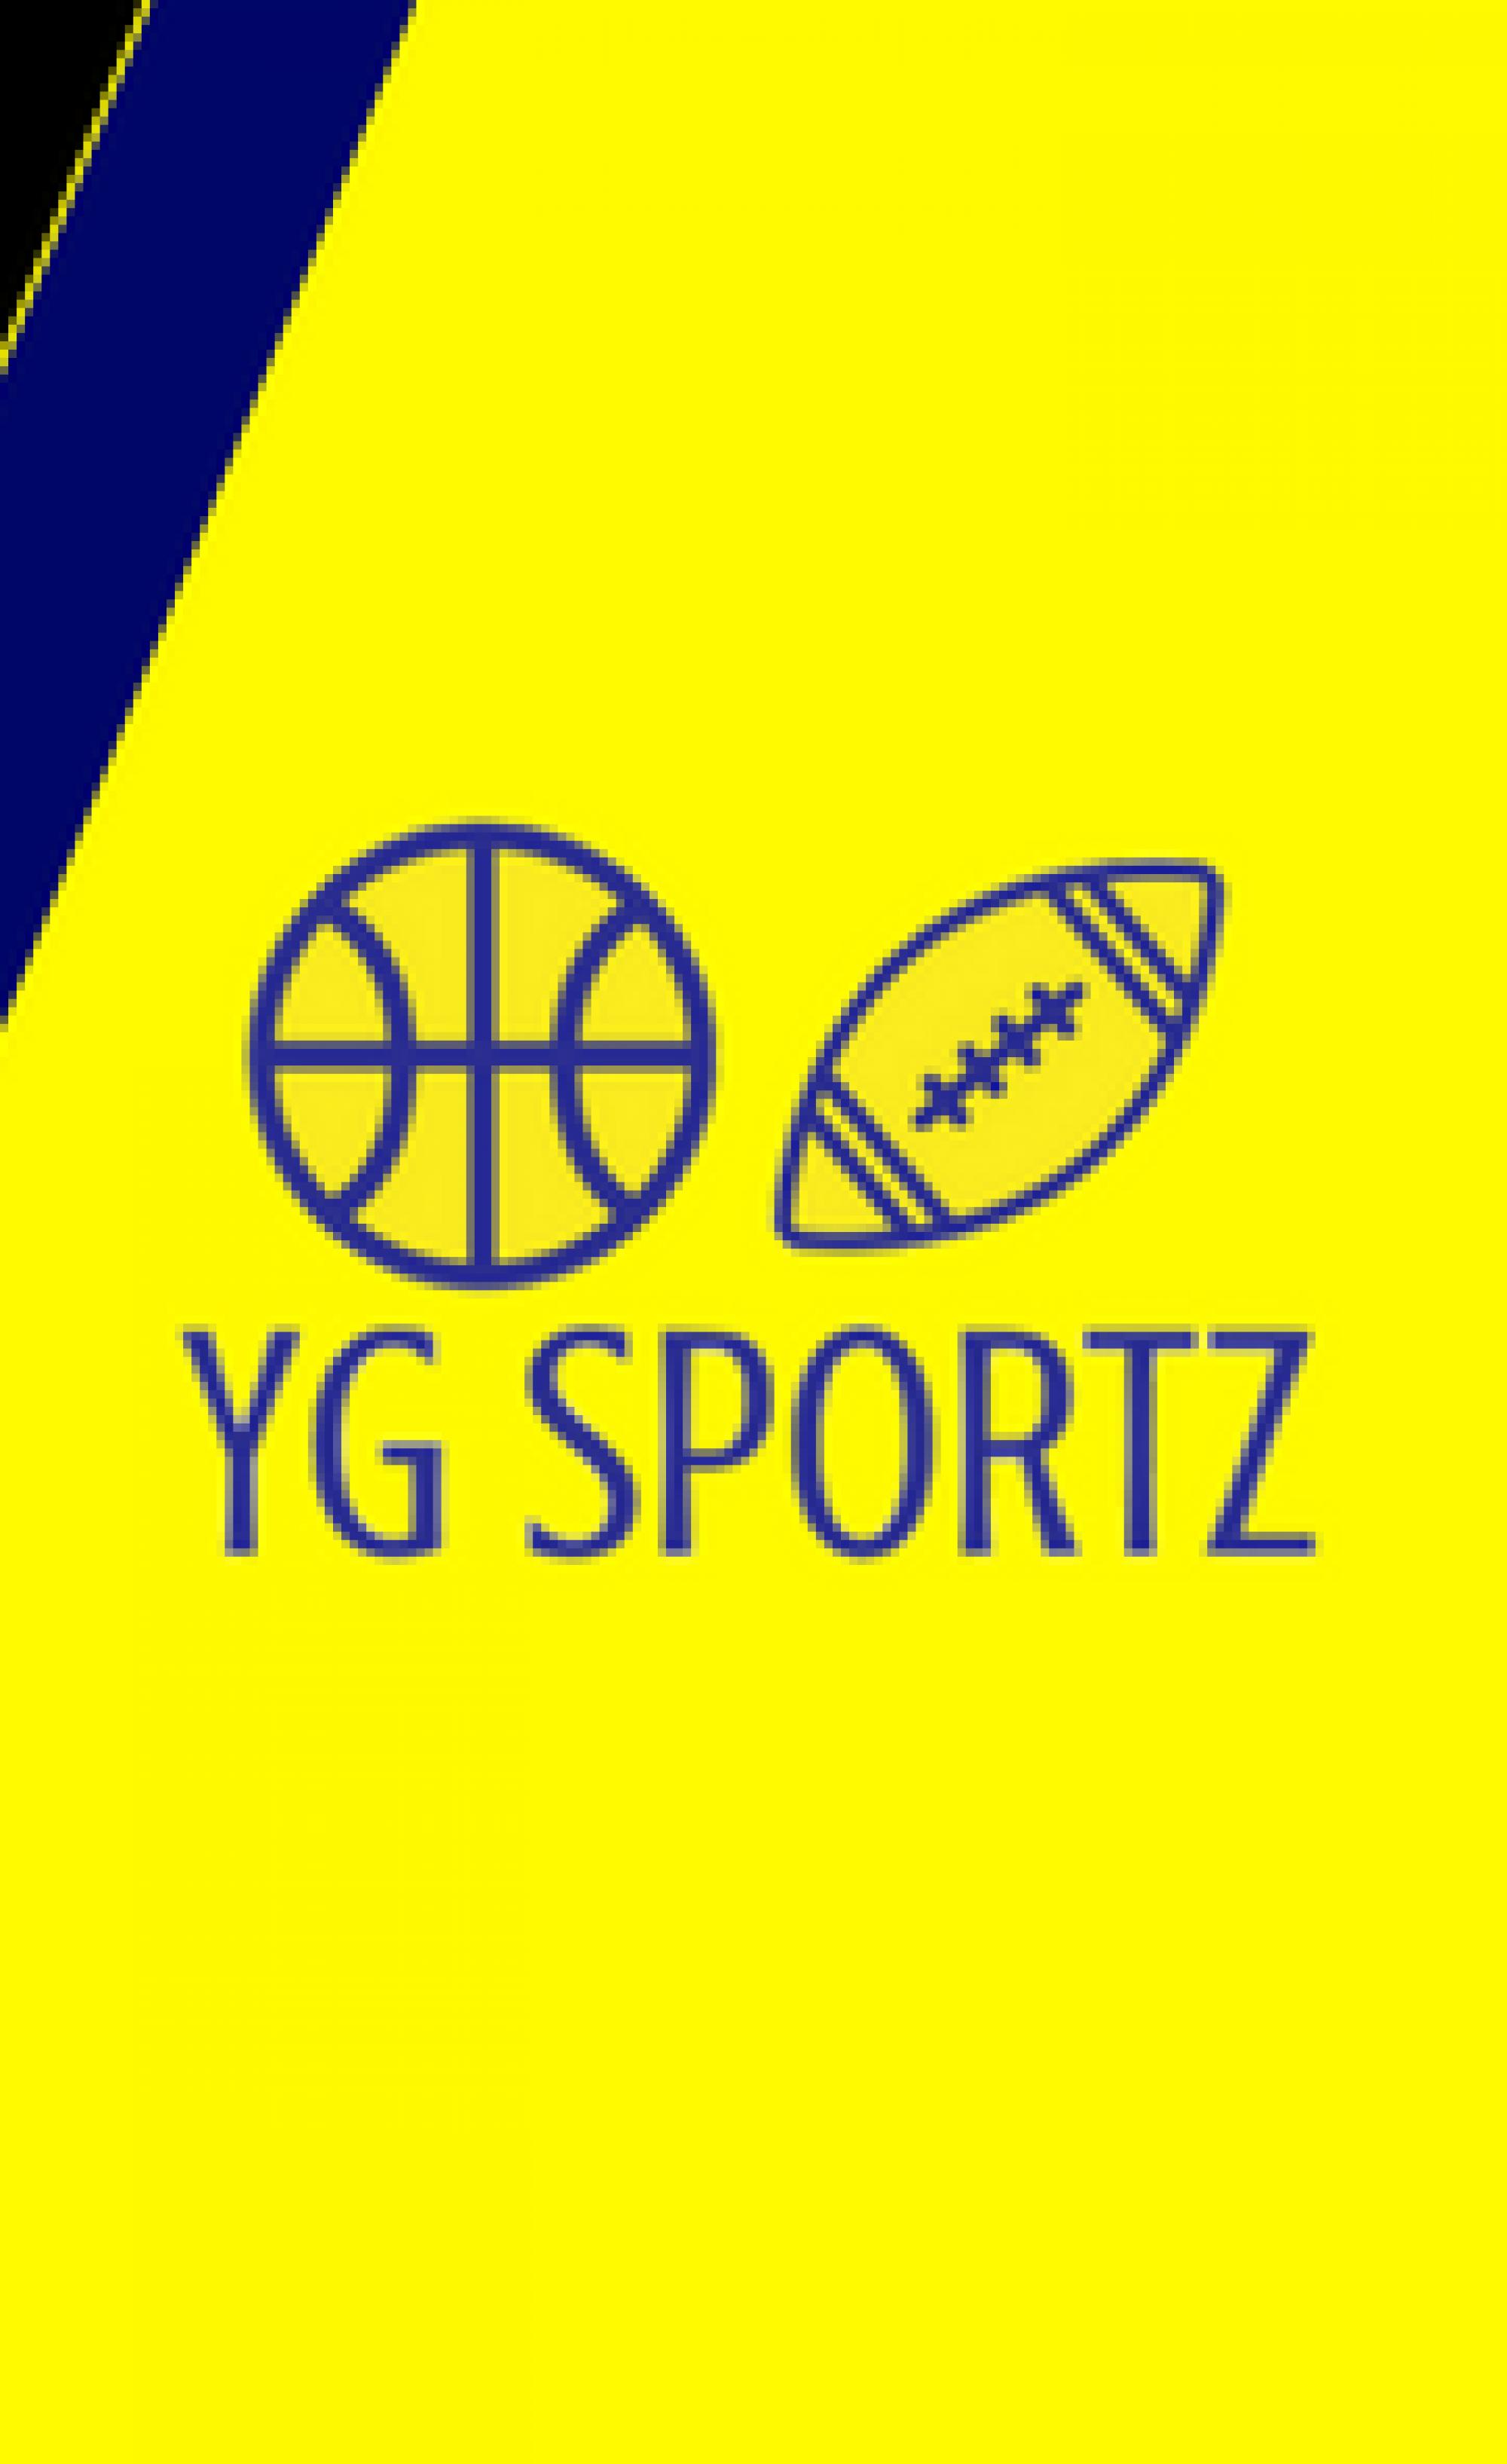 Young Gun Sportz